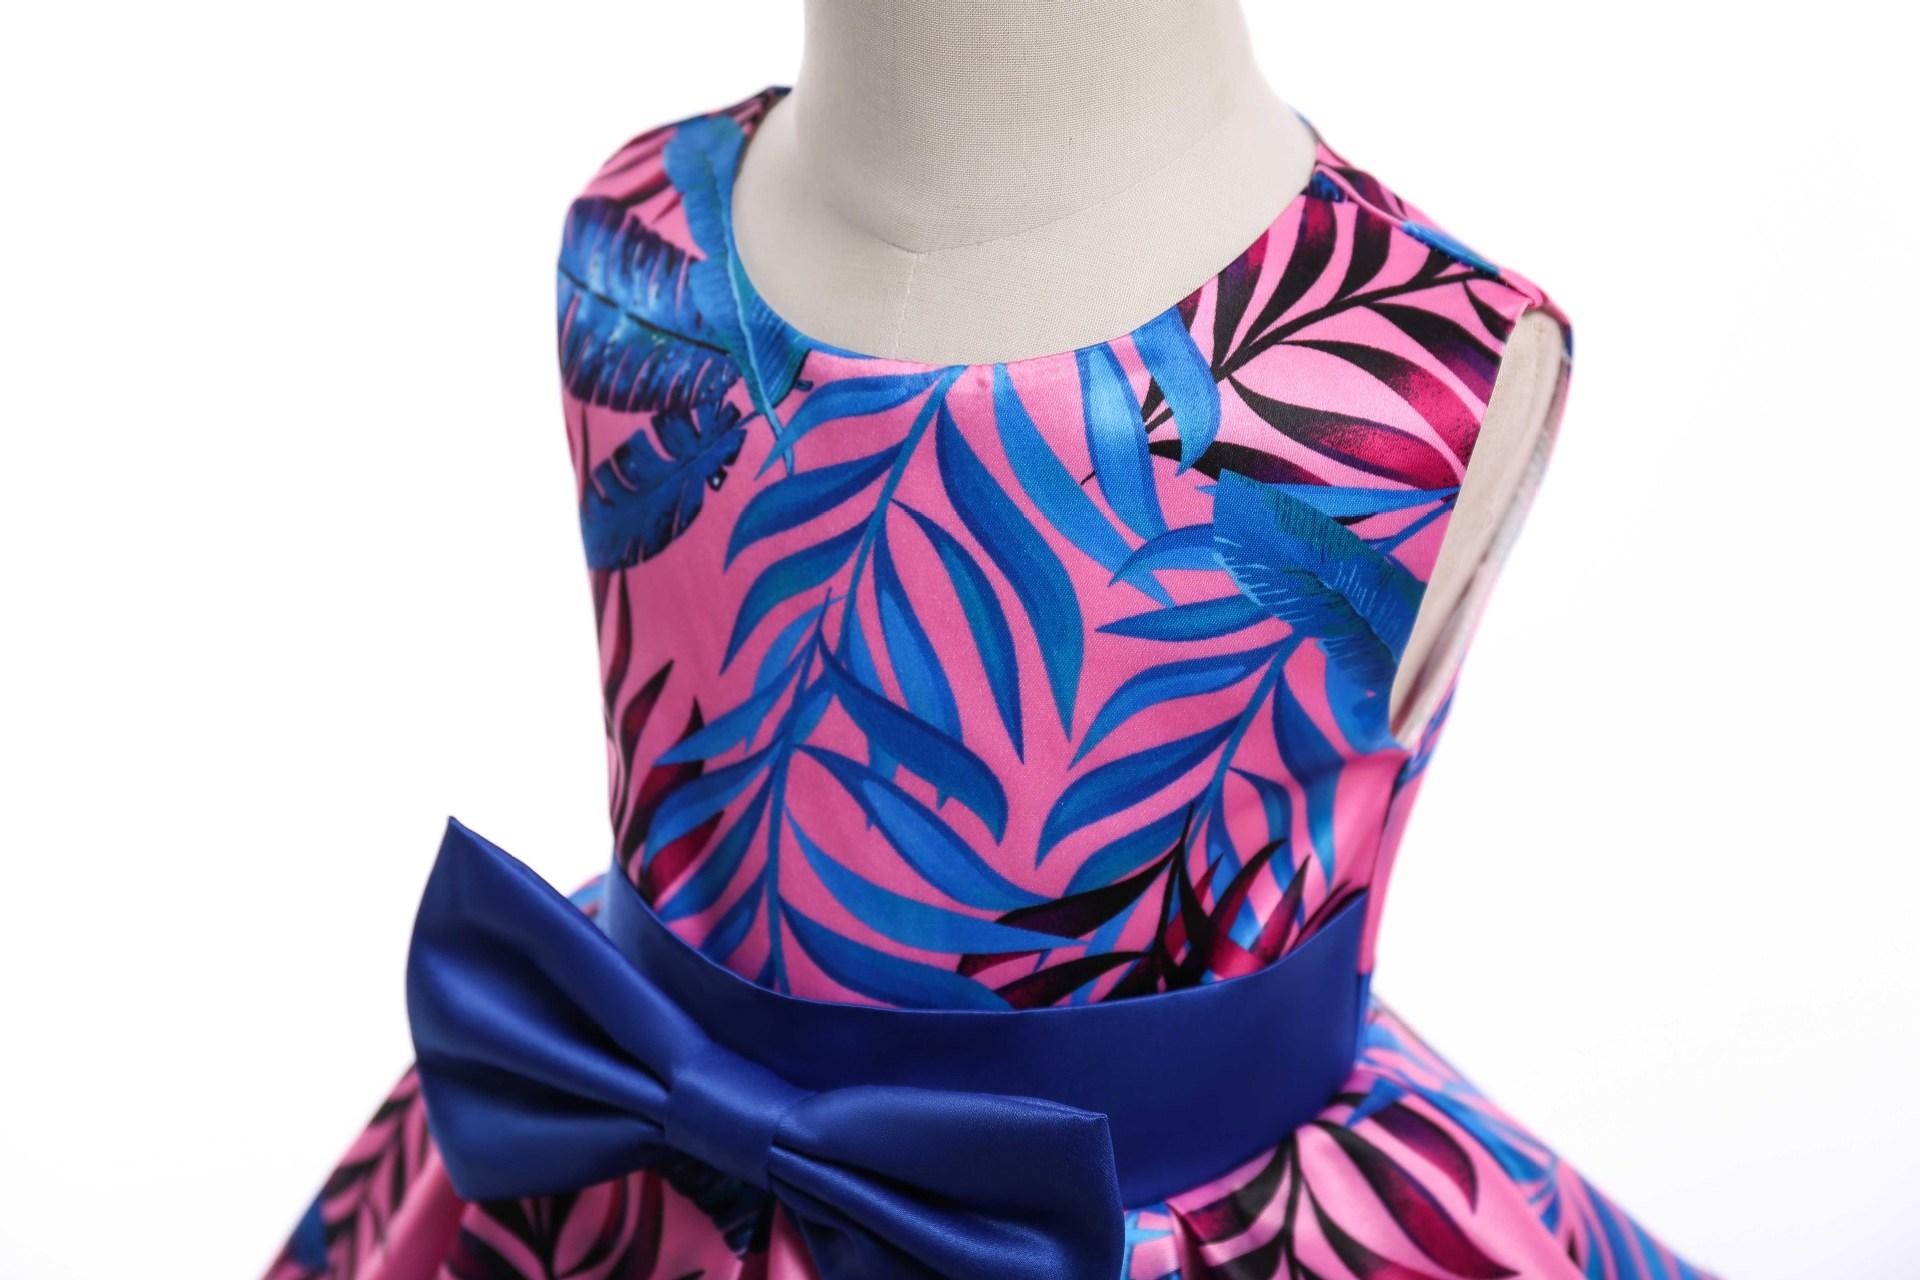 HIBYHOBY 2018 New Girl Formalne Wesele Sukienki Dzieci Princess - Ubrania dziecięce - Zdjęcie 4